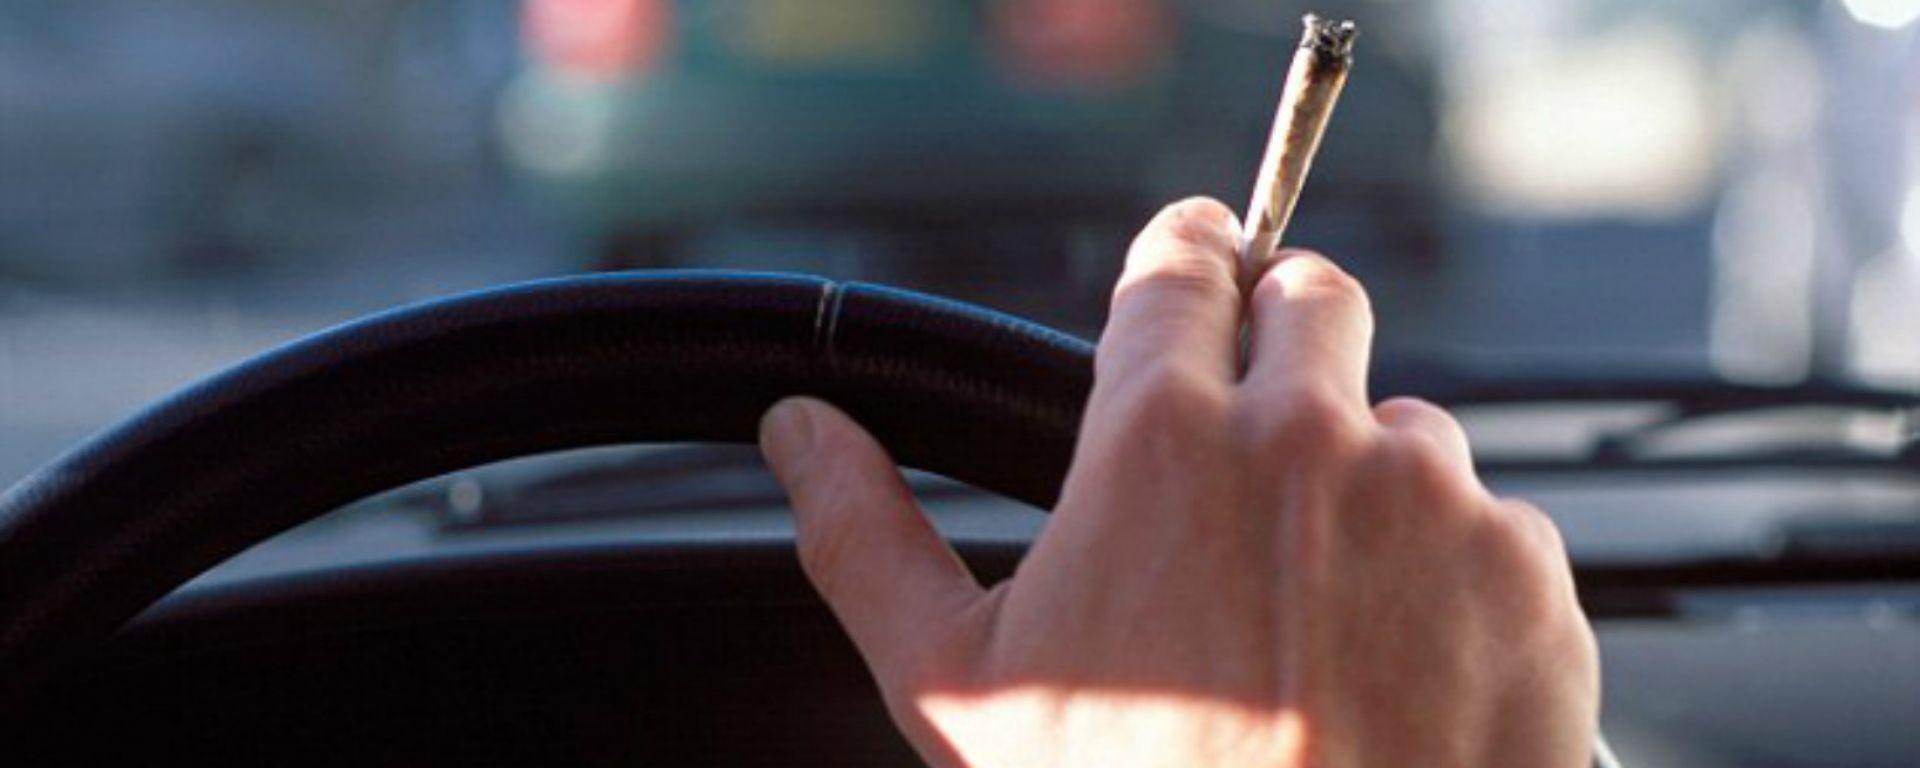 Guida sotto l'effetto di stupefacenti: per la Cassazione, una canna non è sempre reato